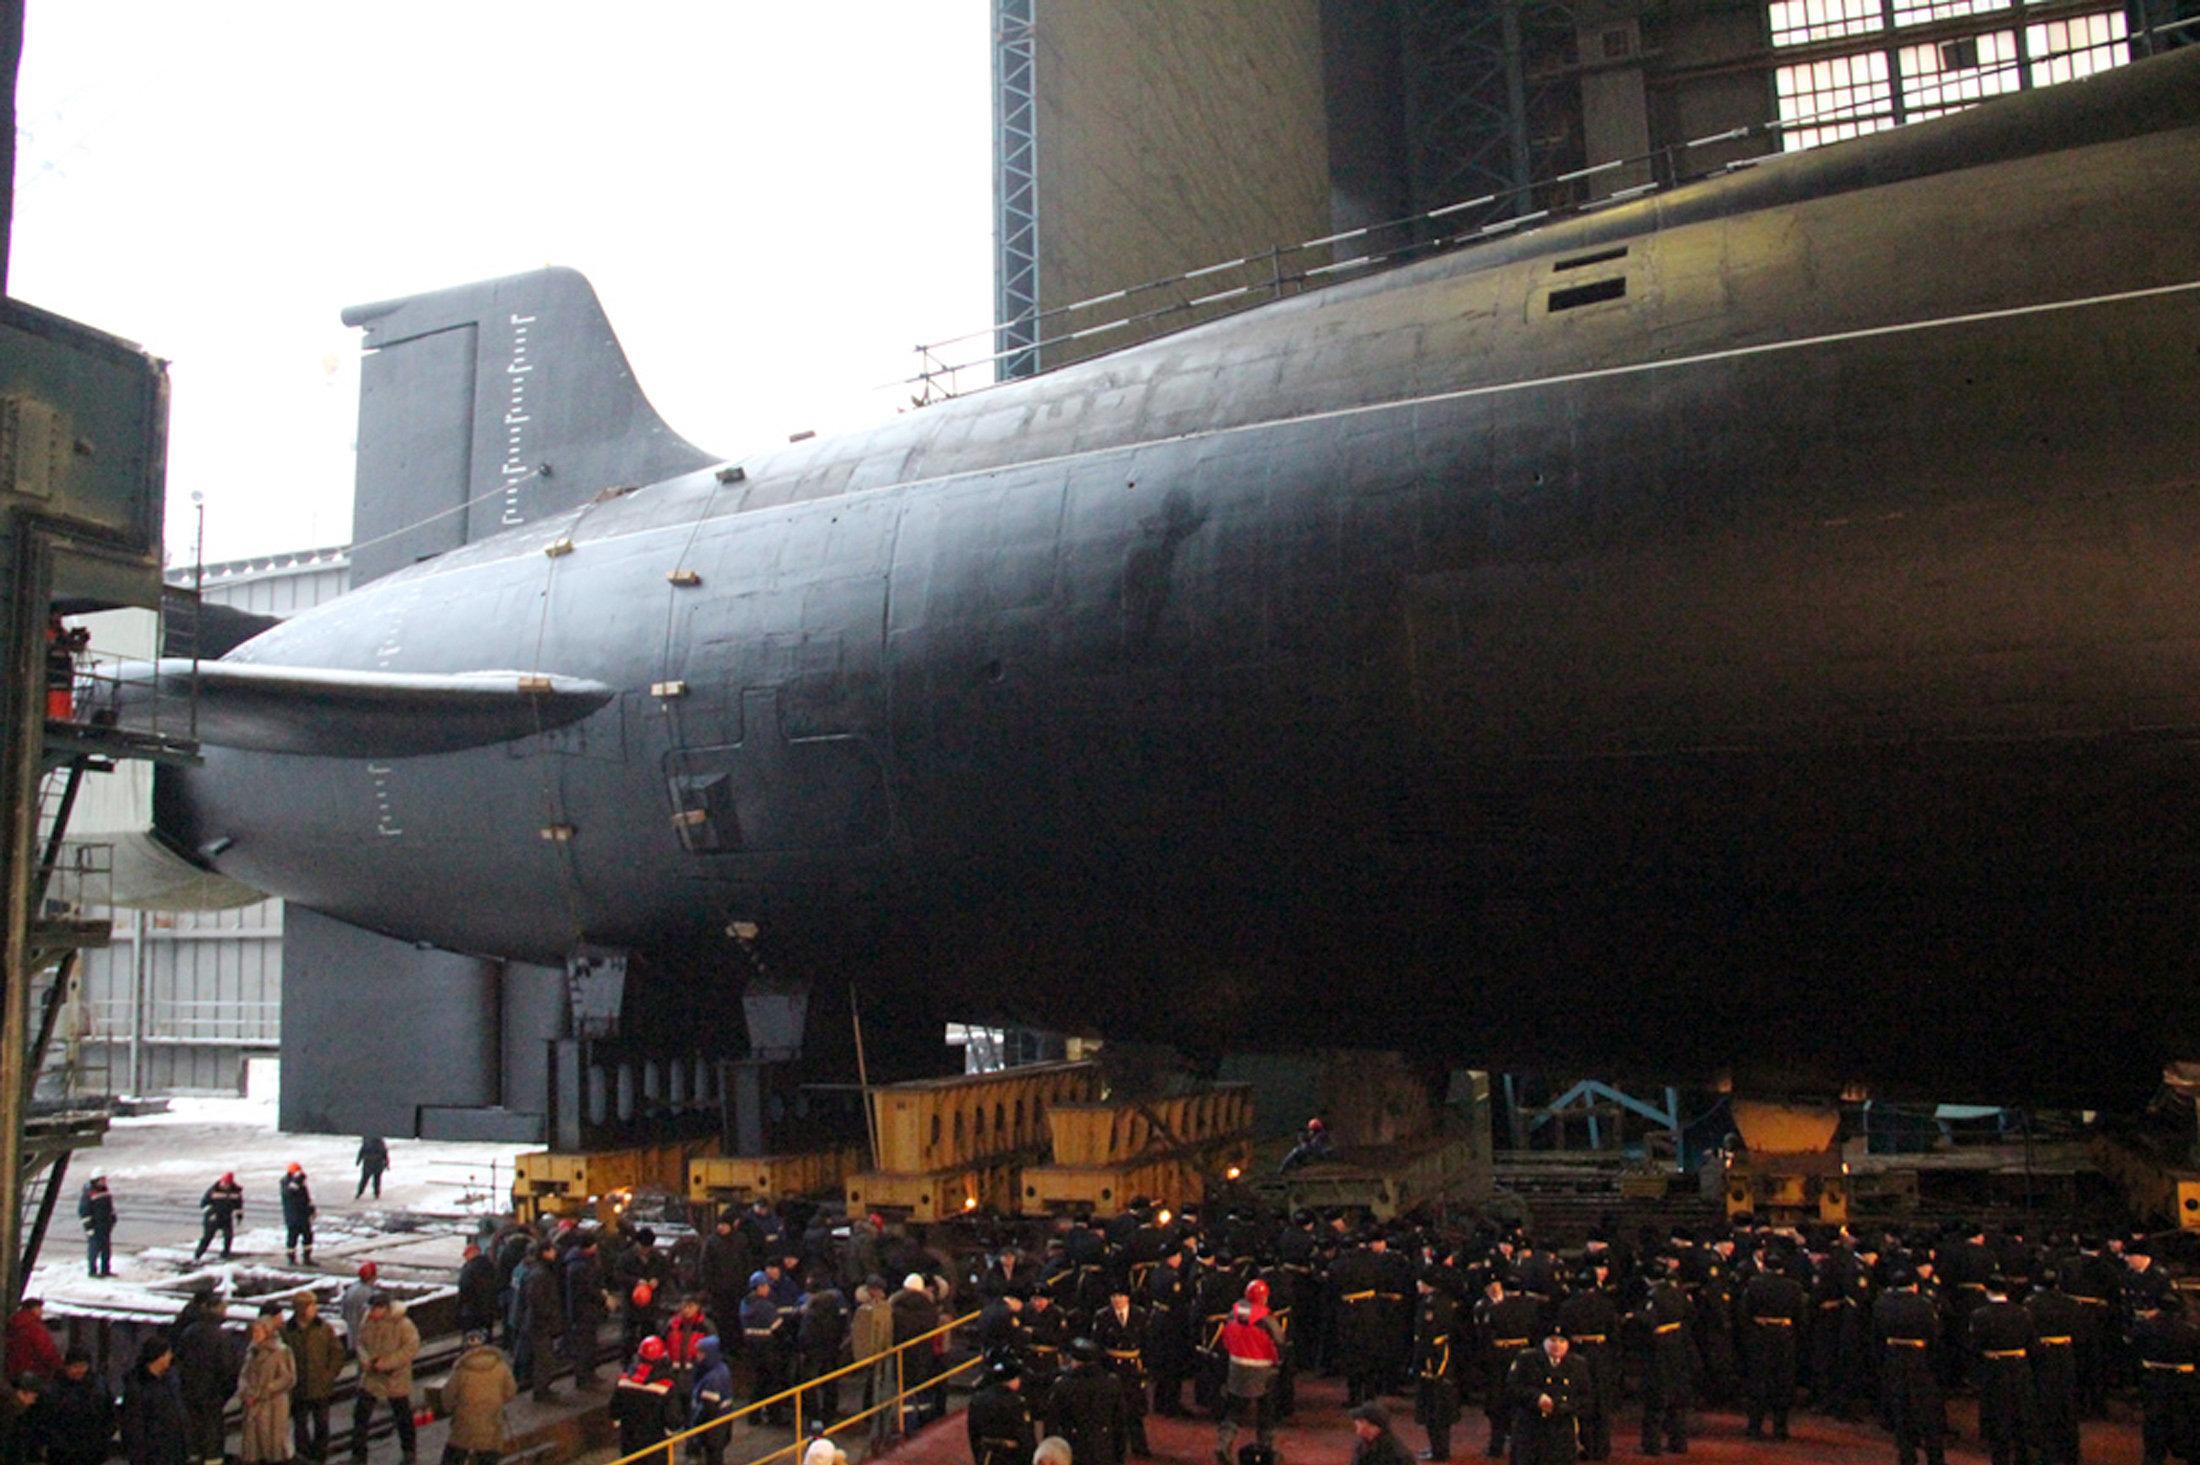 Le sous-marin nucléaire Vladimir Monomakh